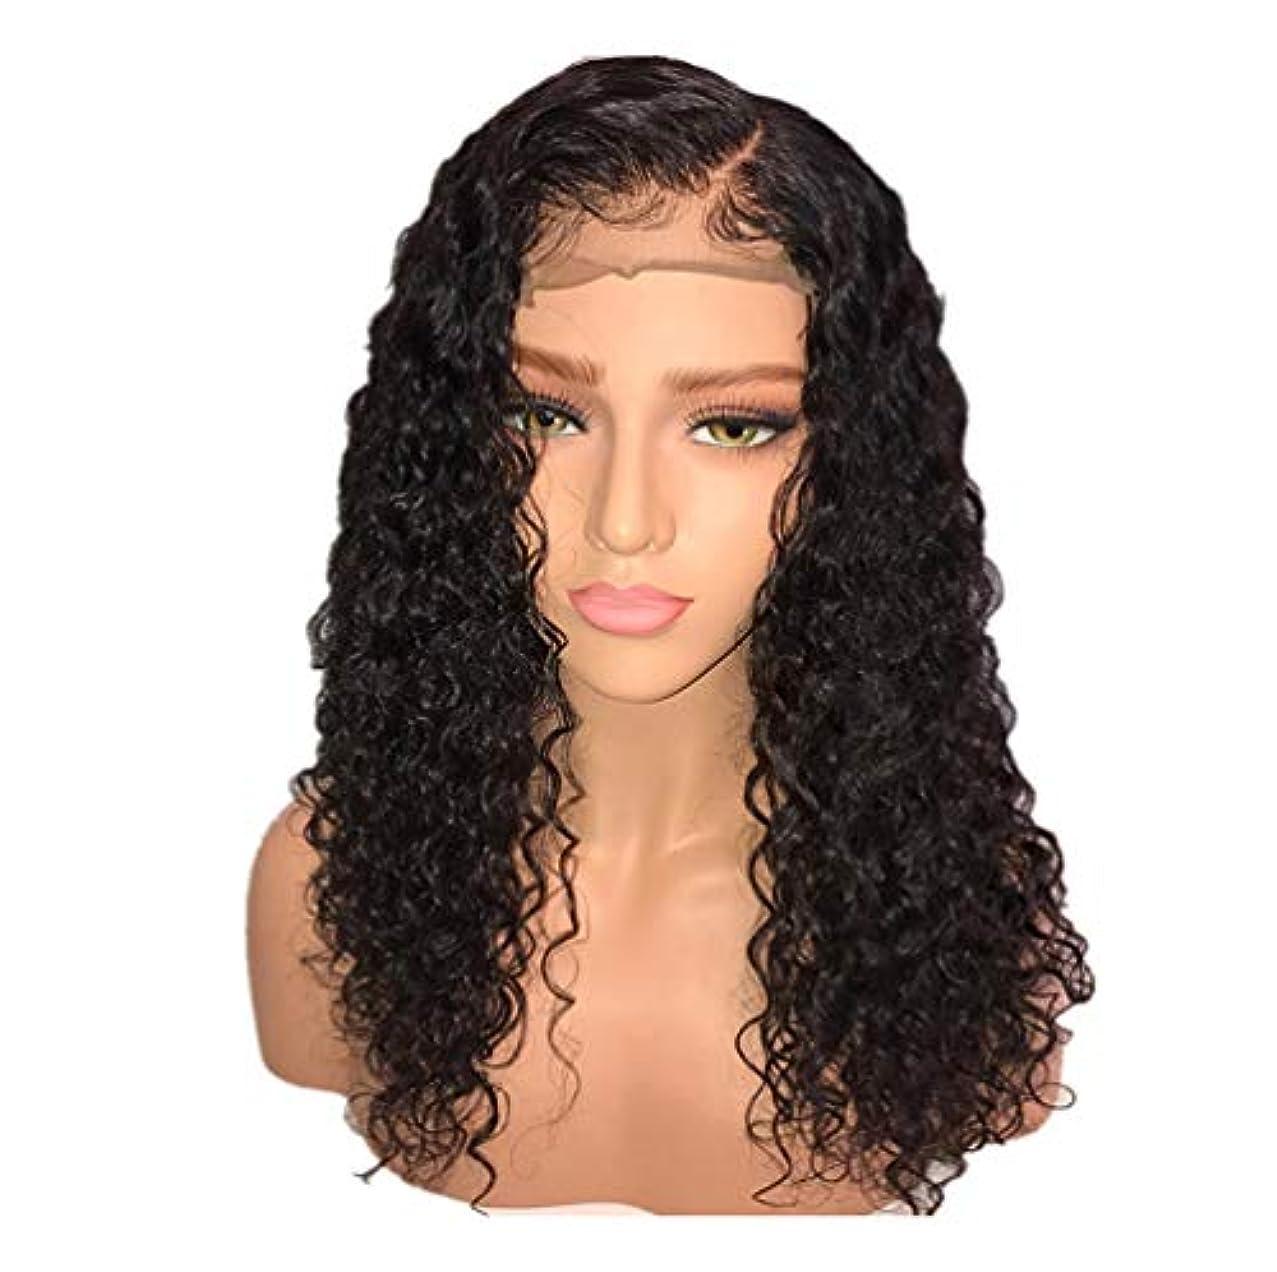 資源面倒ルーかつら女性150%密度ブラジルロングヘアウィッグナチュラルウェーブカーリーレースフロントかつらベビーヘア付き